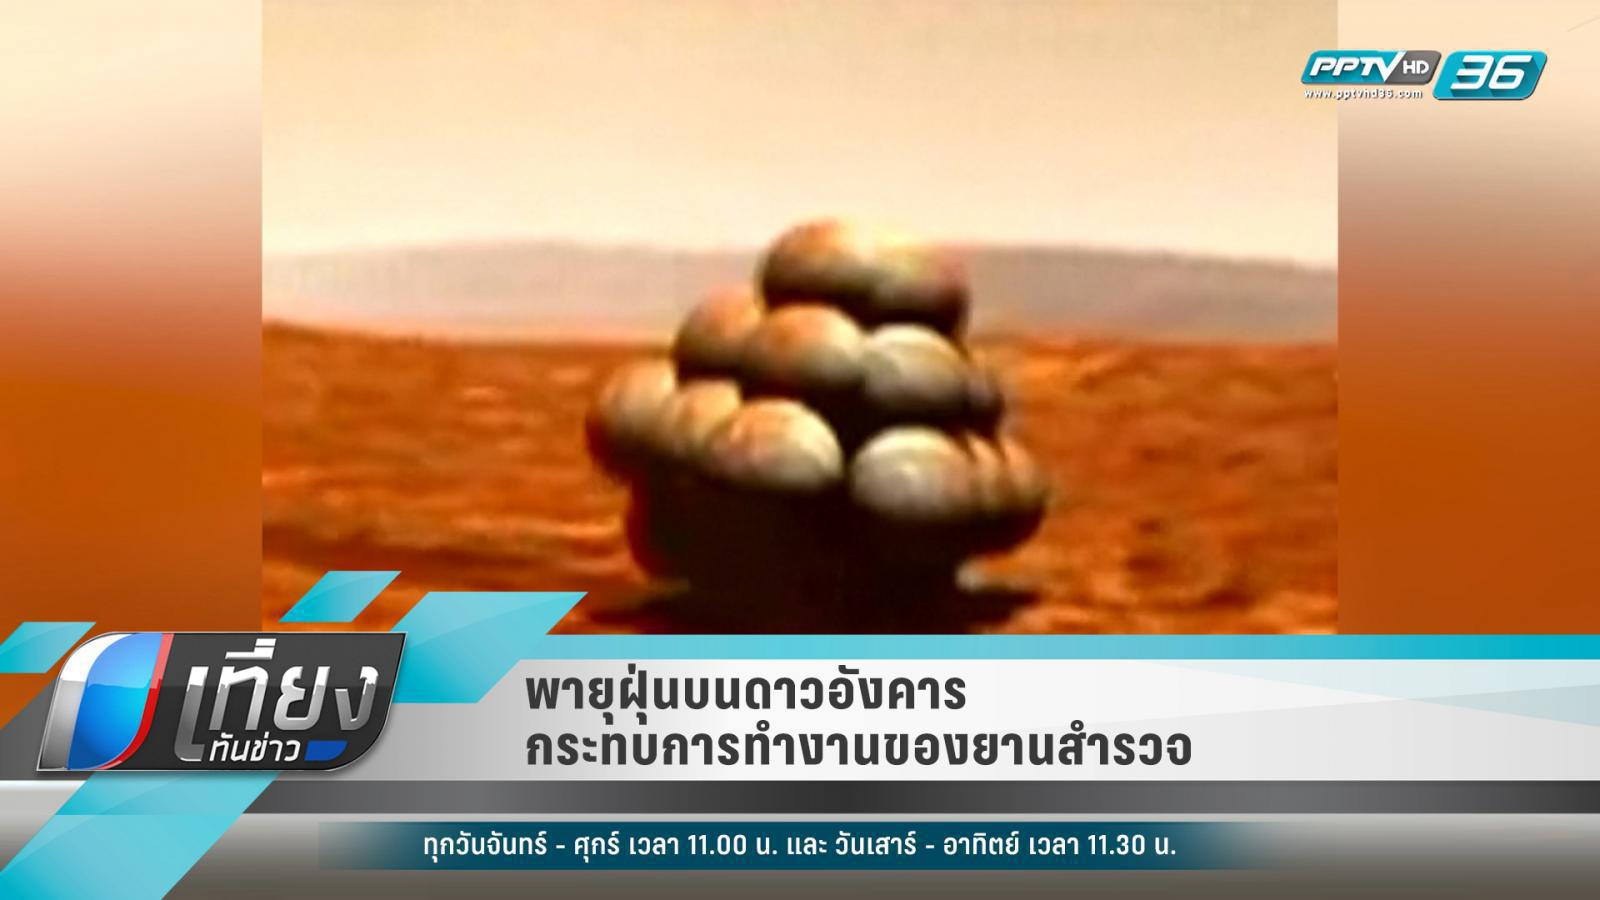 """พายุฝุ่นบน """"ดาวอังคาร""""กระทบการทำงานของยานสำรวจ"""